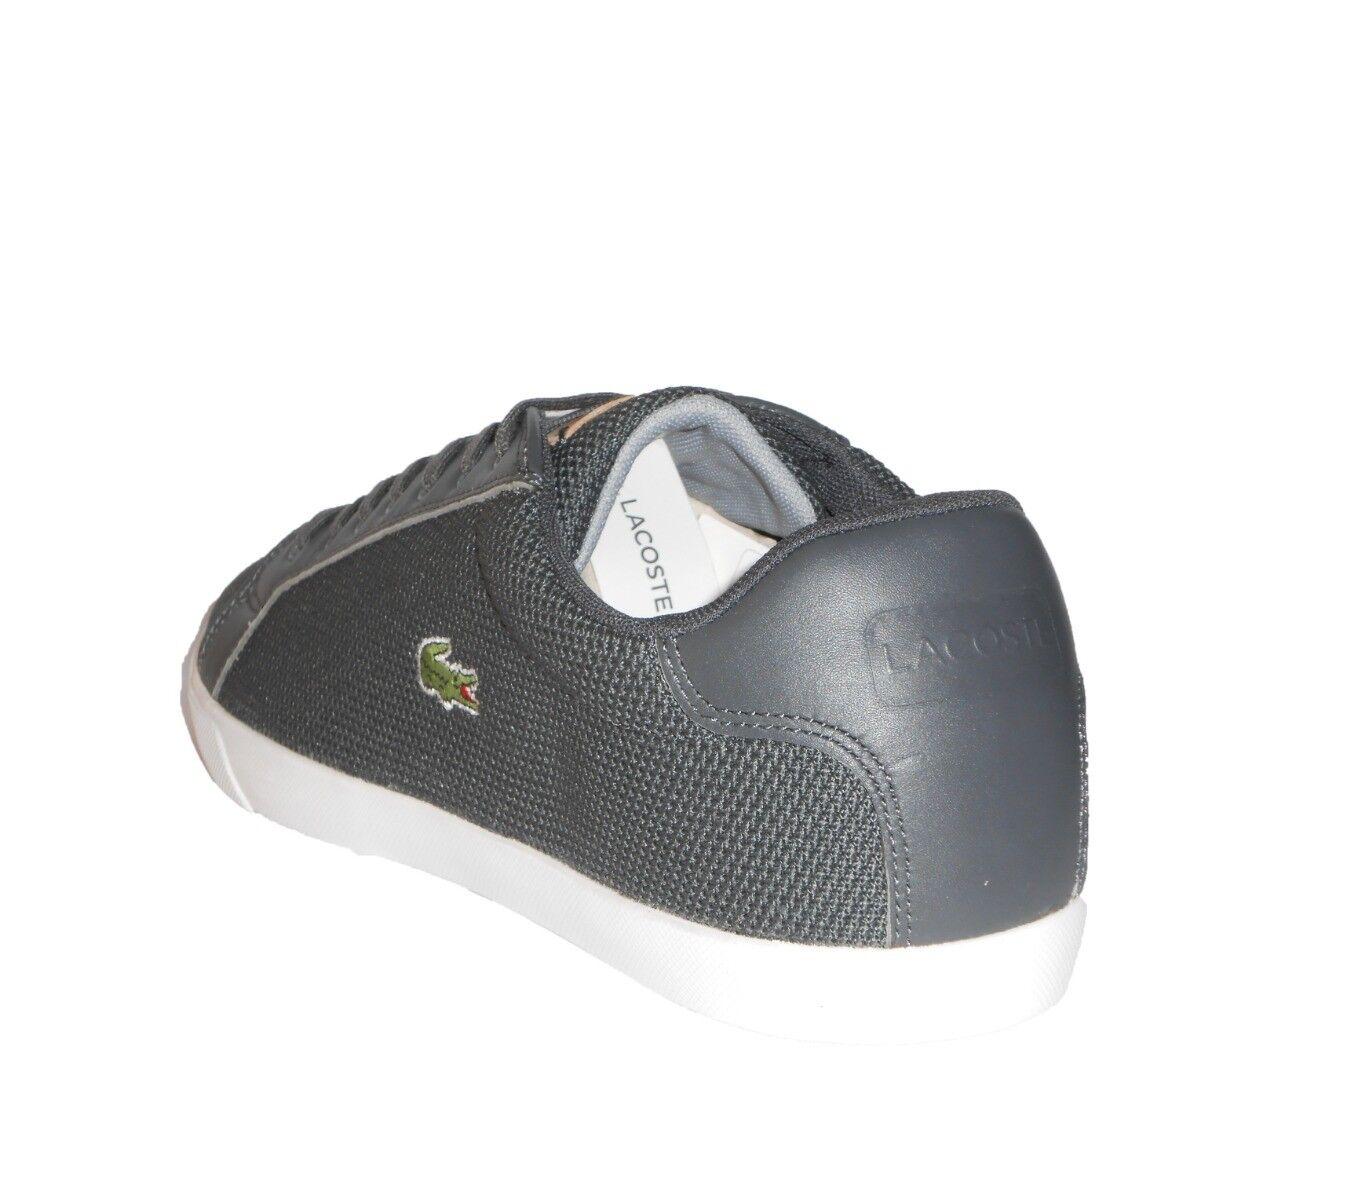 Adidas zapatillas ZX Flux zapatos caballero zapatillas Adidas b34513 color blanco negro 50968 0cee13